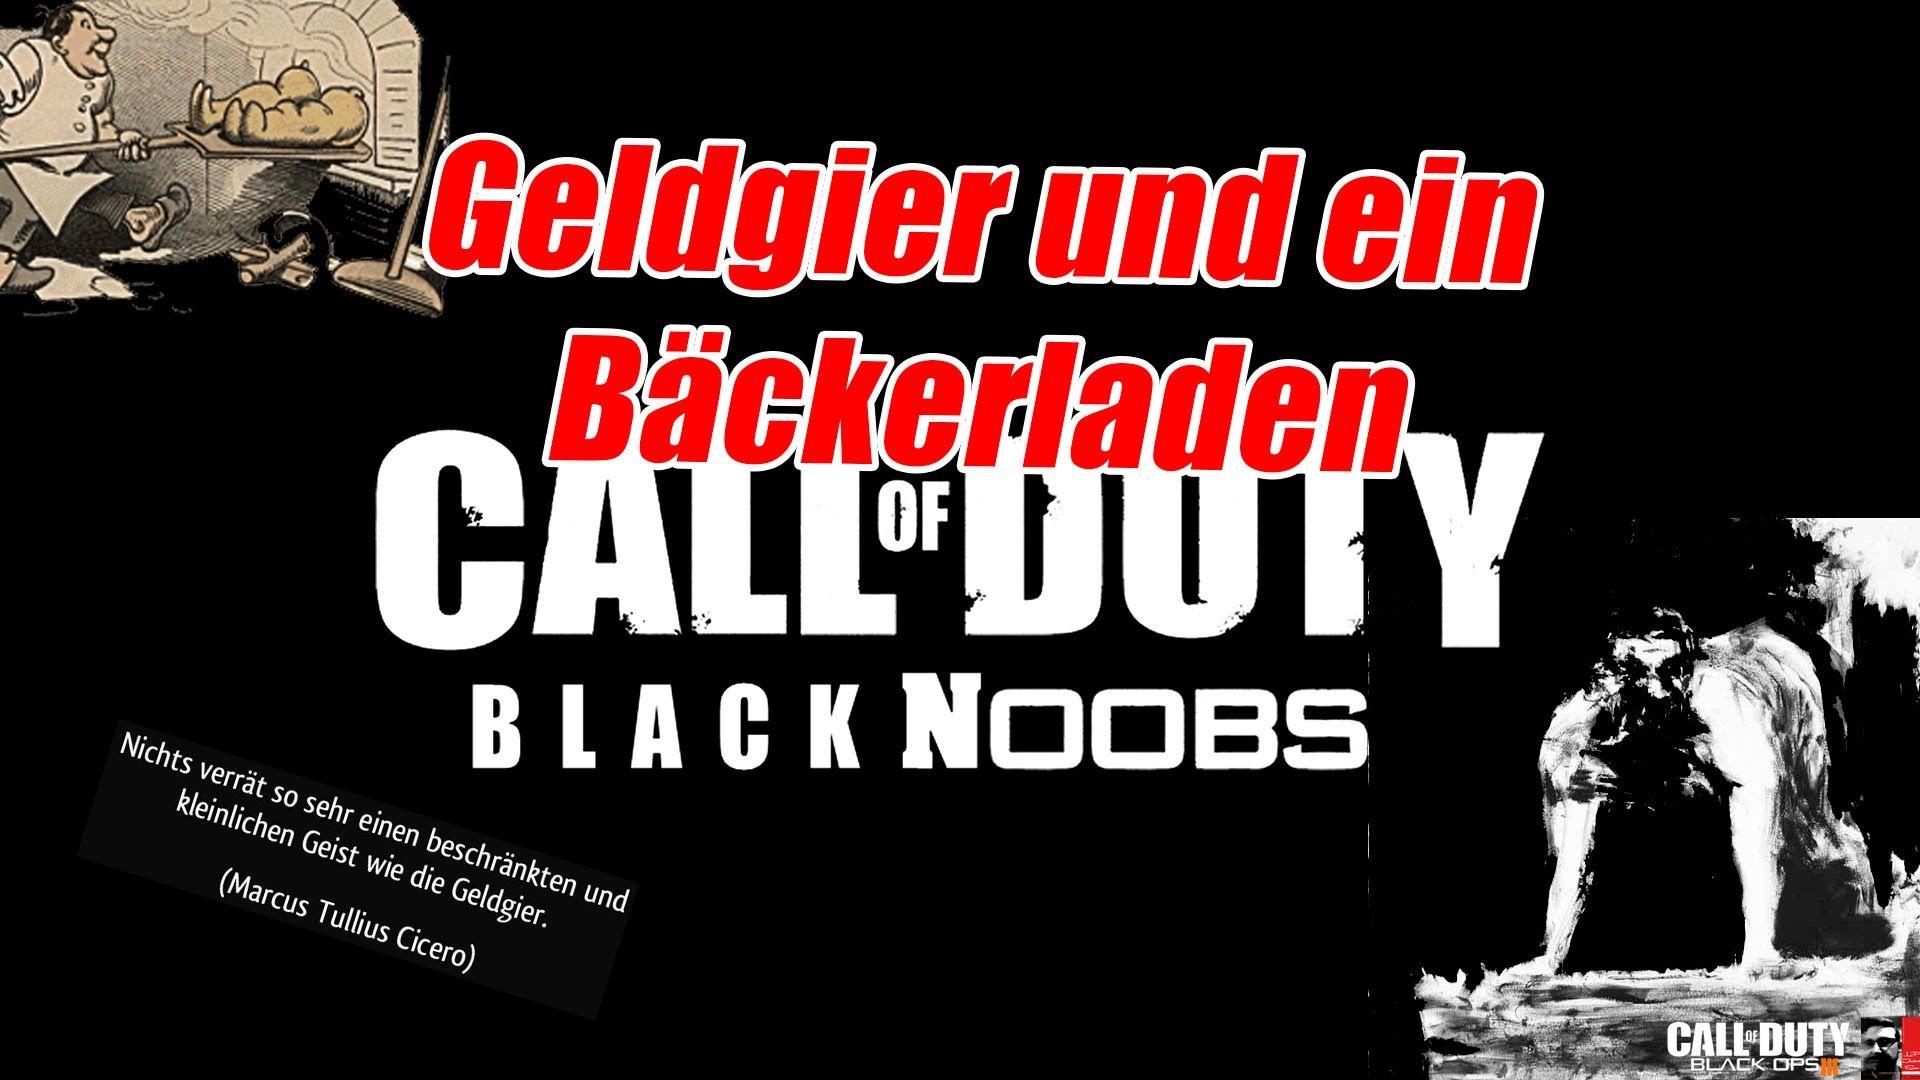 Black Noobs 3 #41 Geldgier und ein Bäckerladen Tactical Assault Commander 4 - YouTube